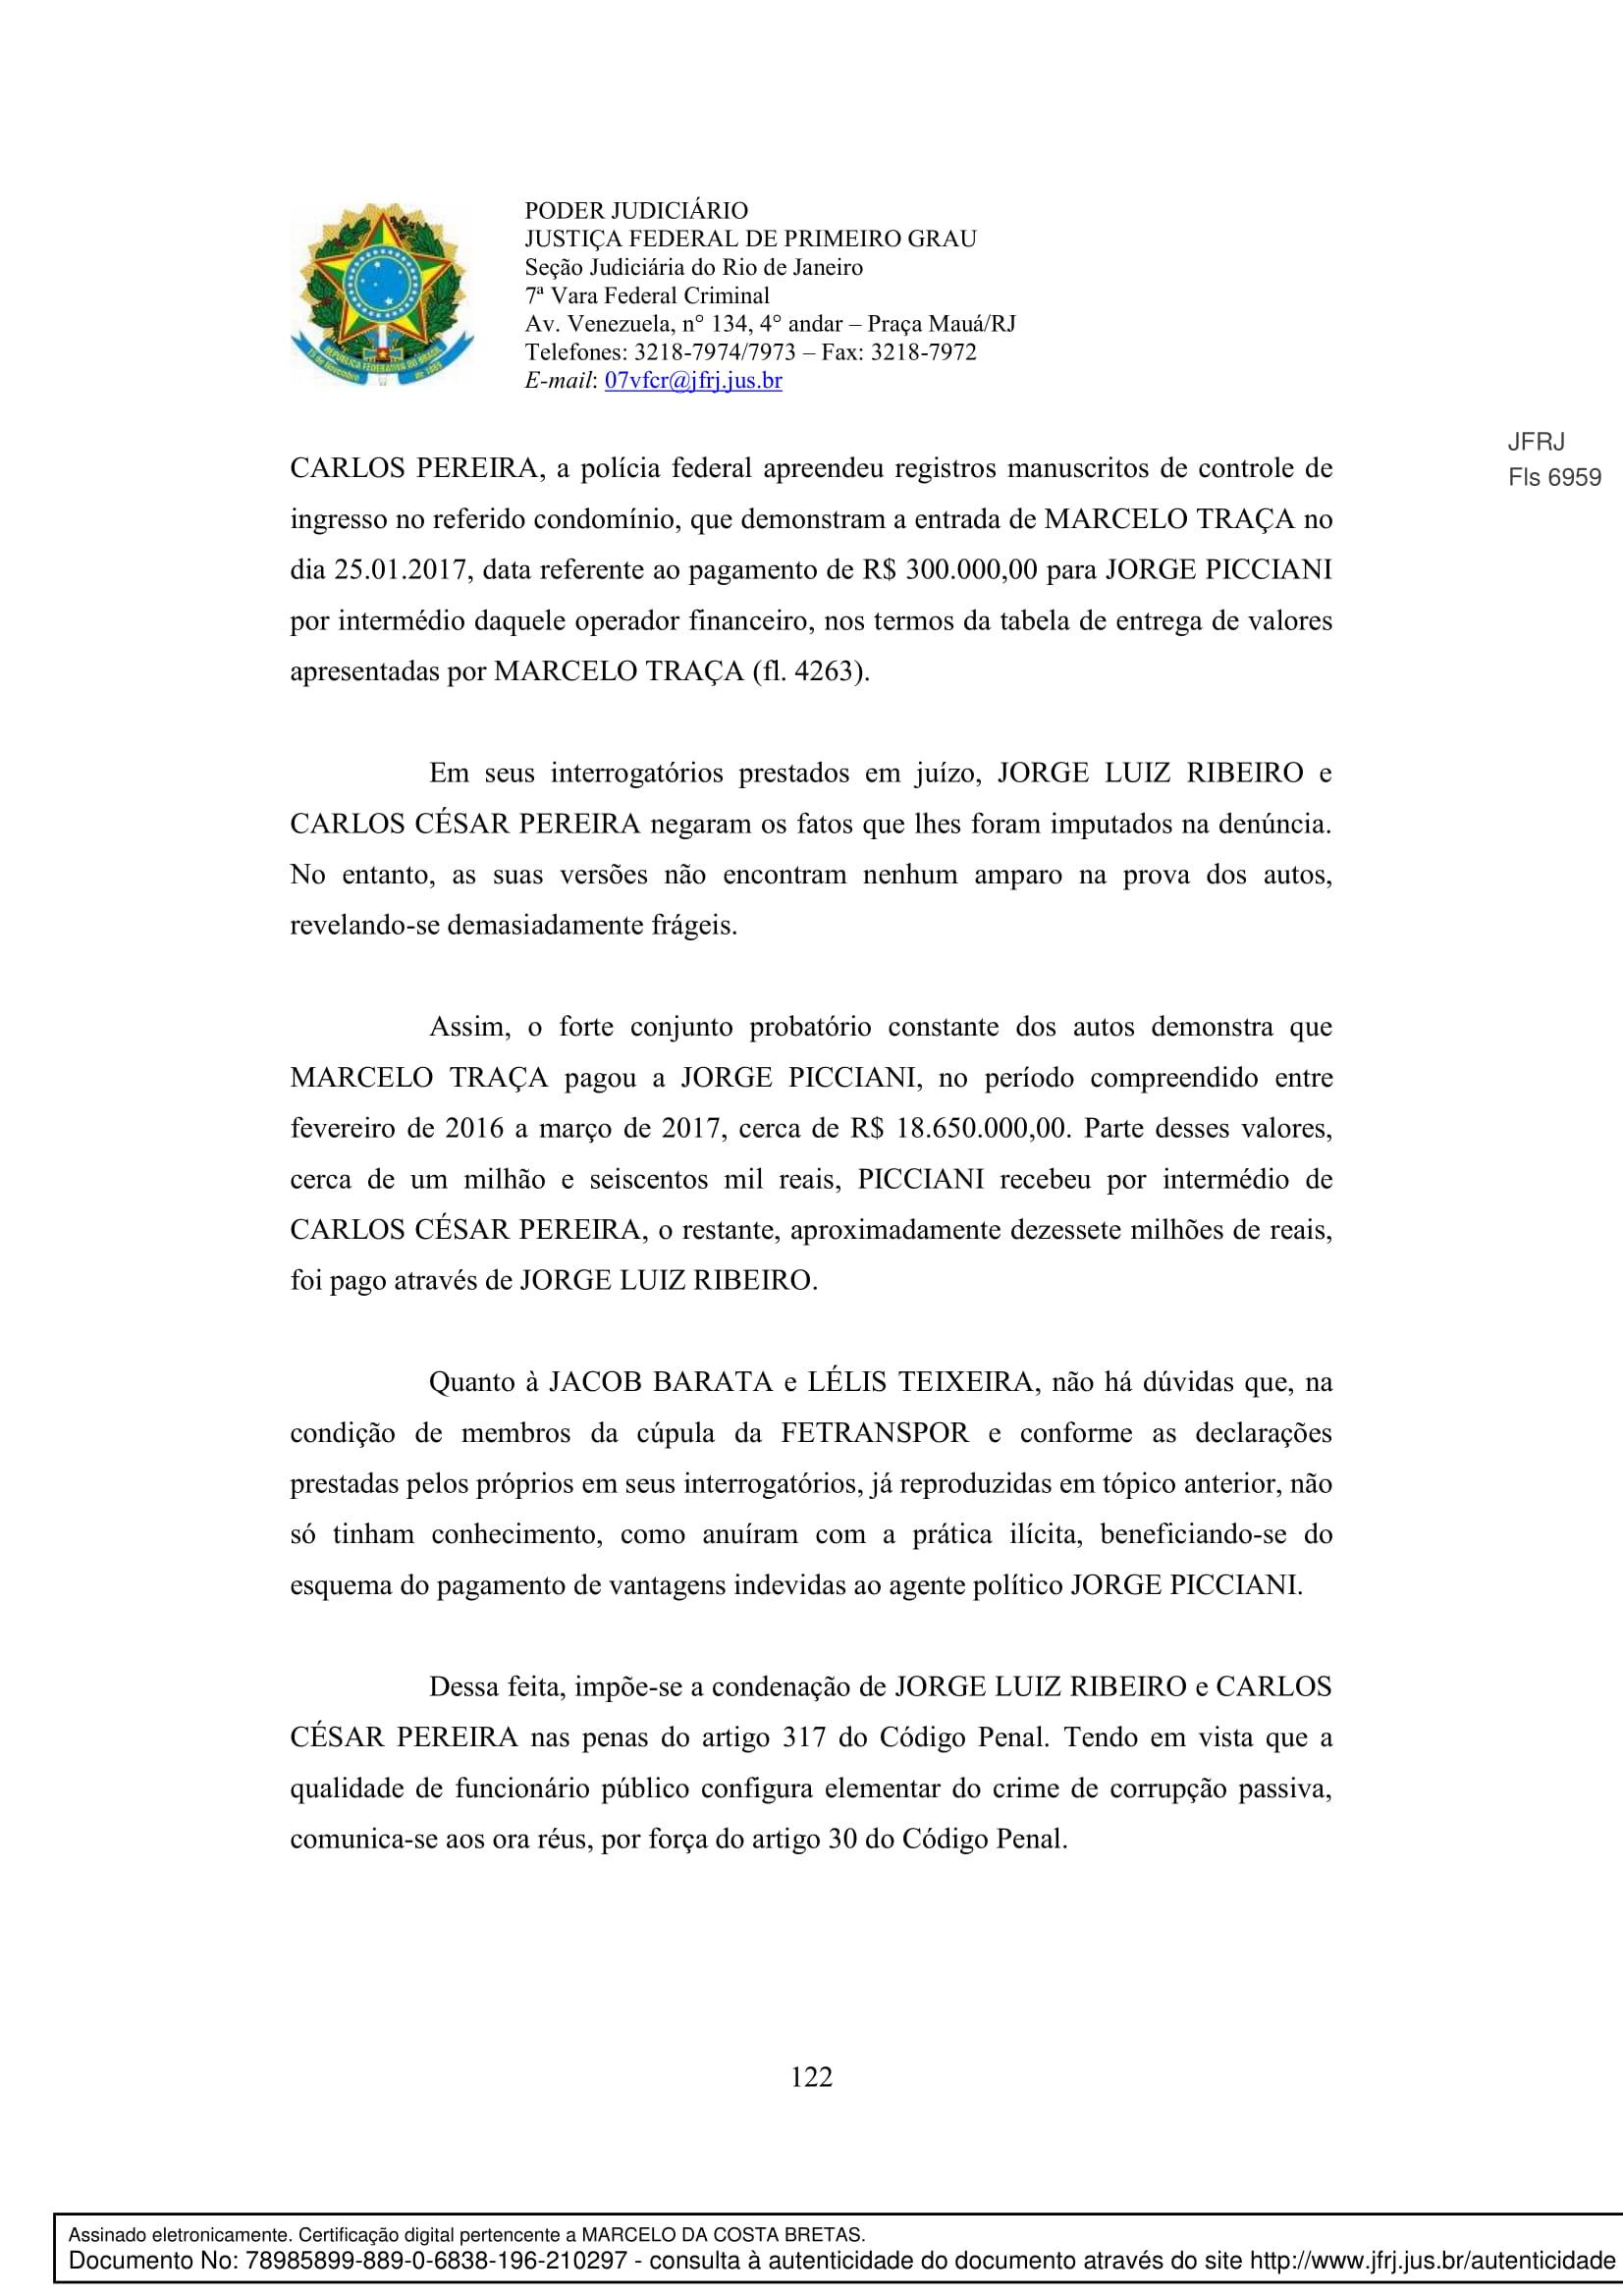 Sentenca-Cadeia-Velha-7VFC-122